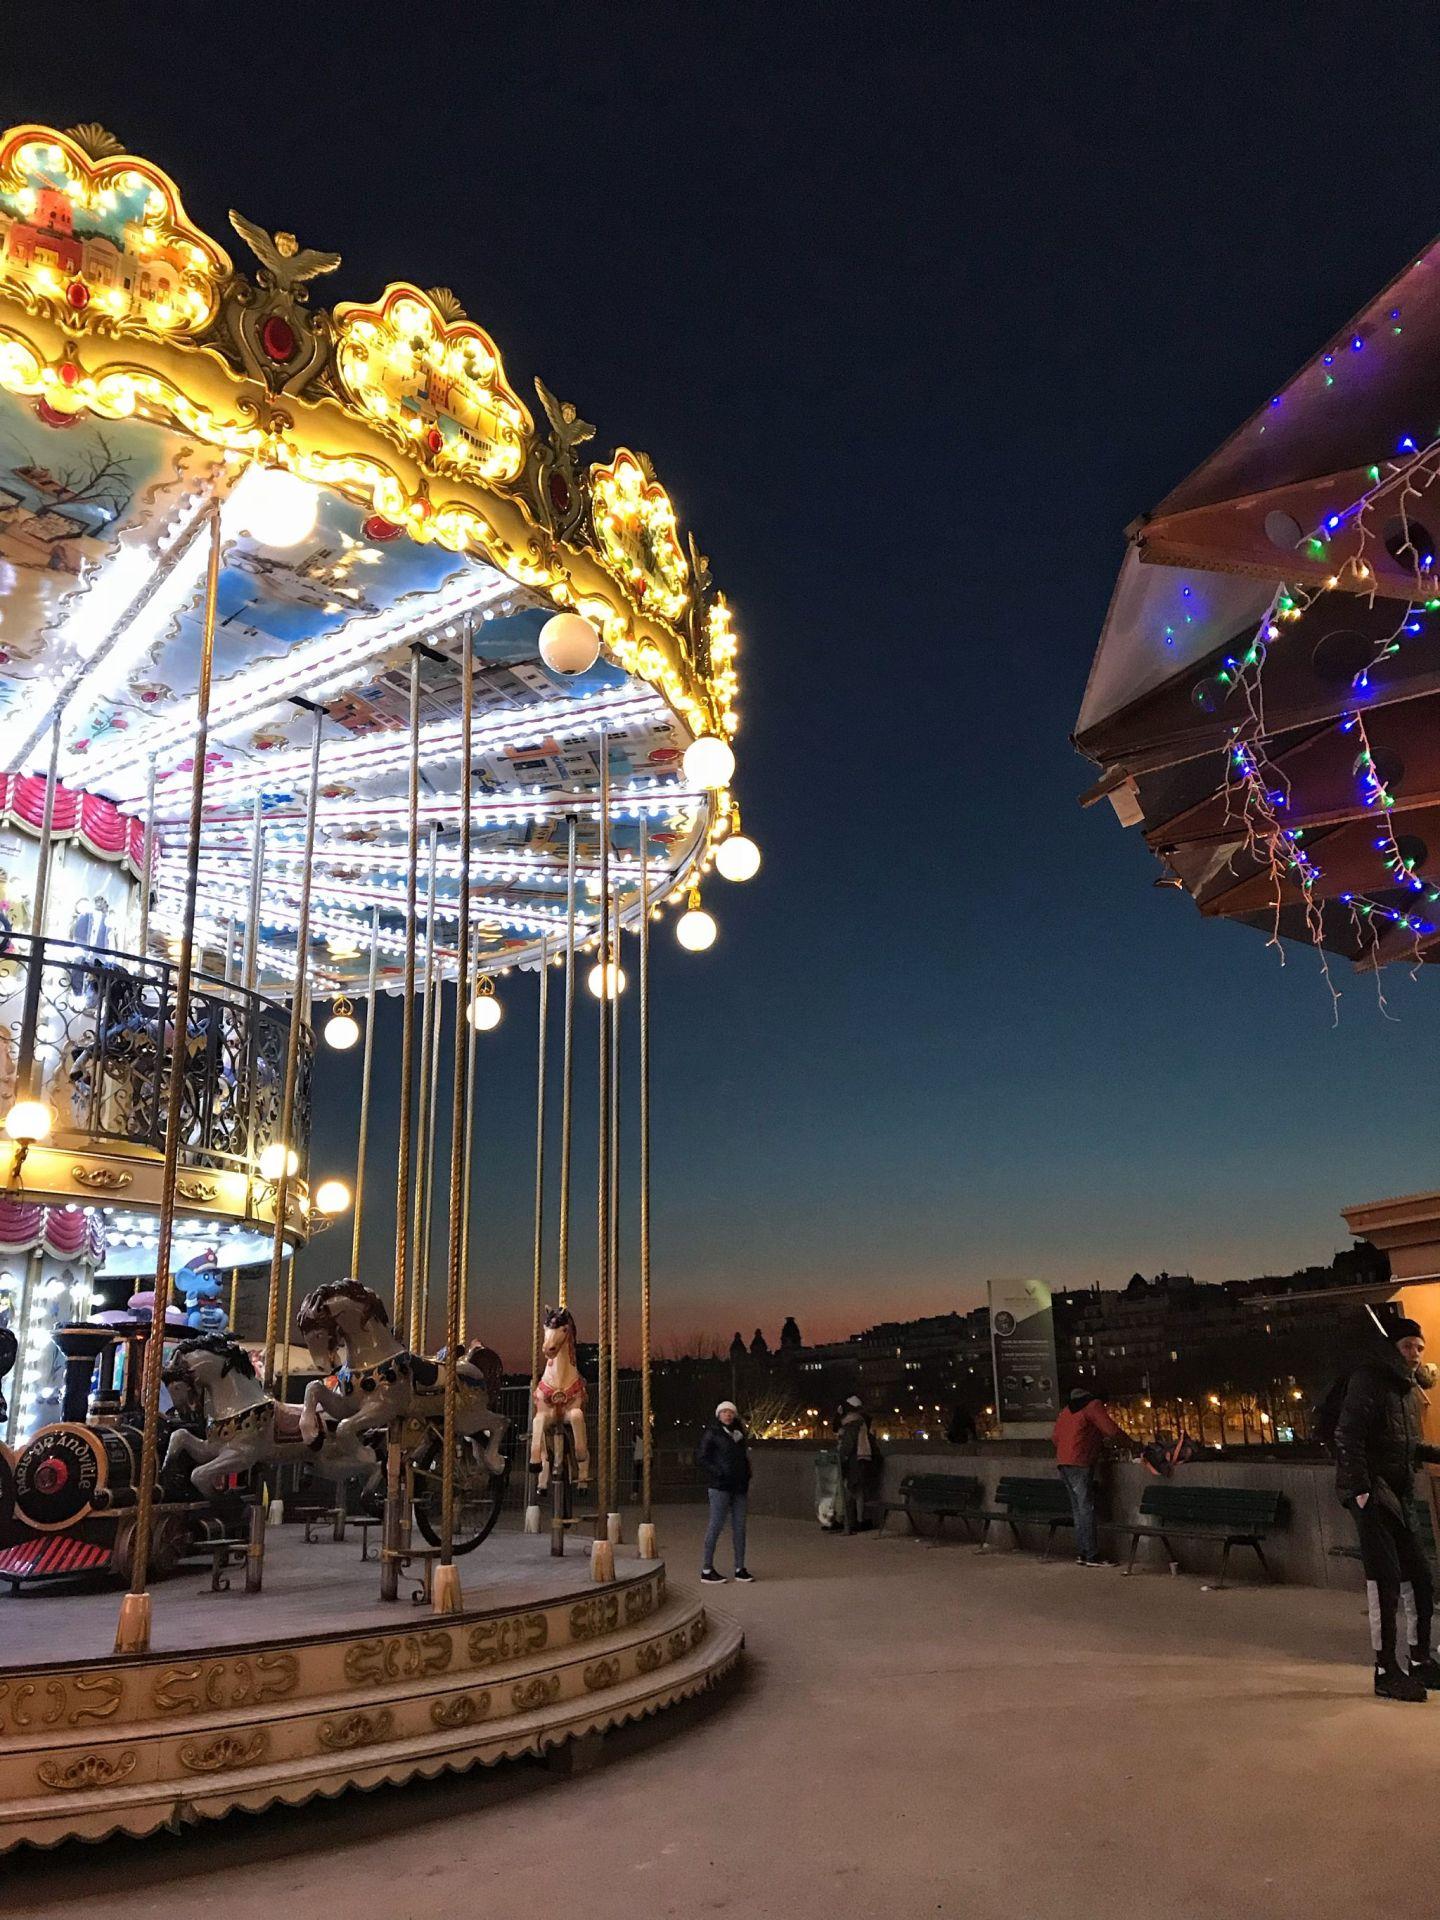 Eiffel Tower Carousel at Dusk